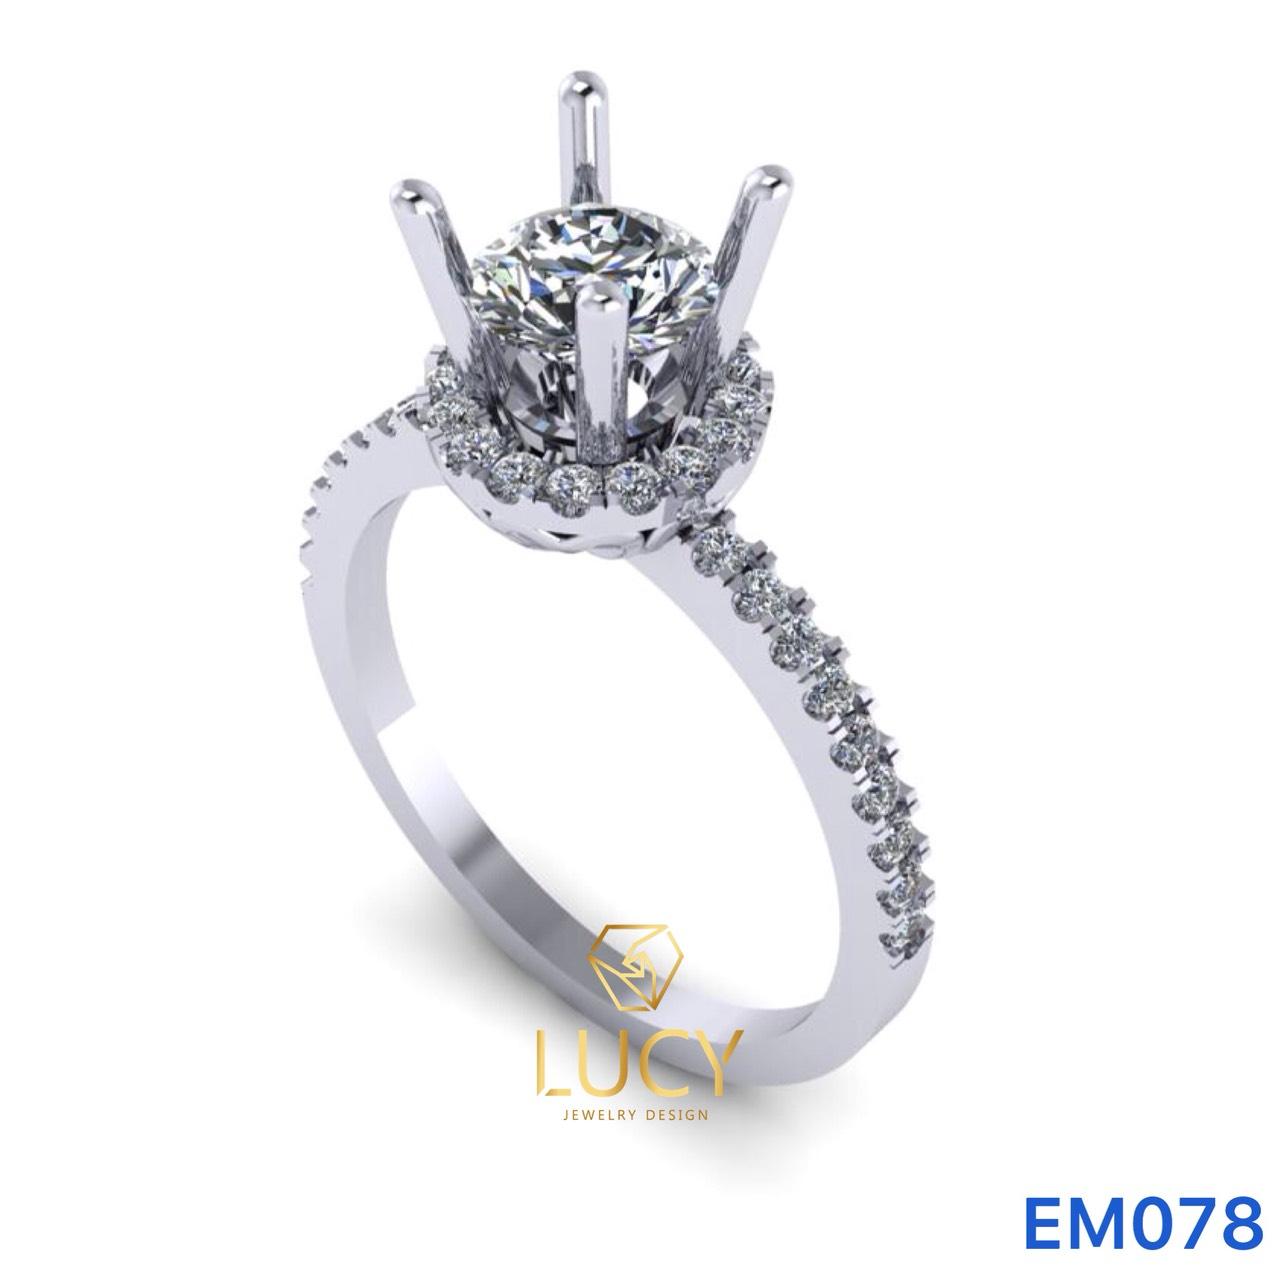 EM078 Nhẫn nữ vàng, nhẫn ổ kim cương 5.4mm 5.5mm, nhẫn nữ thiết kế, nhẫn cầu hôn, nhẫn đính hôn - Lucy Jewelry